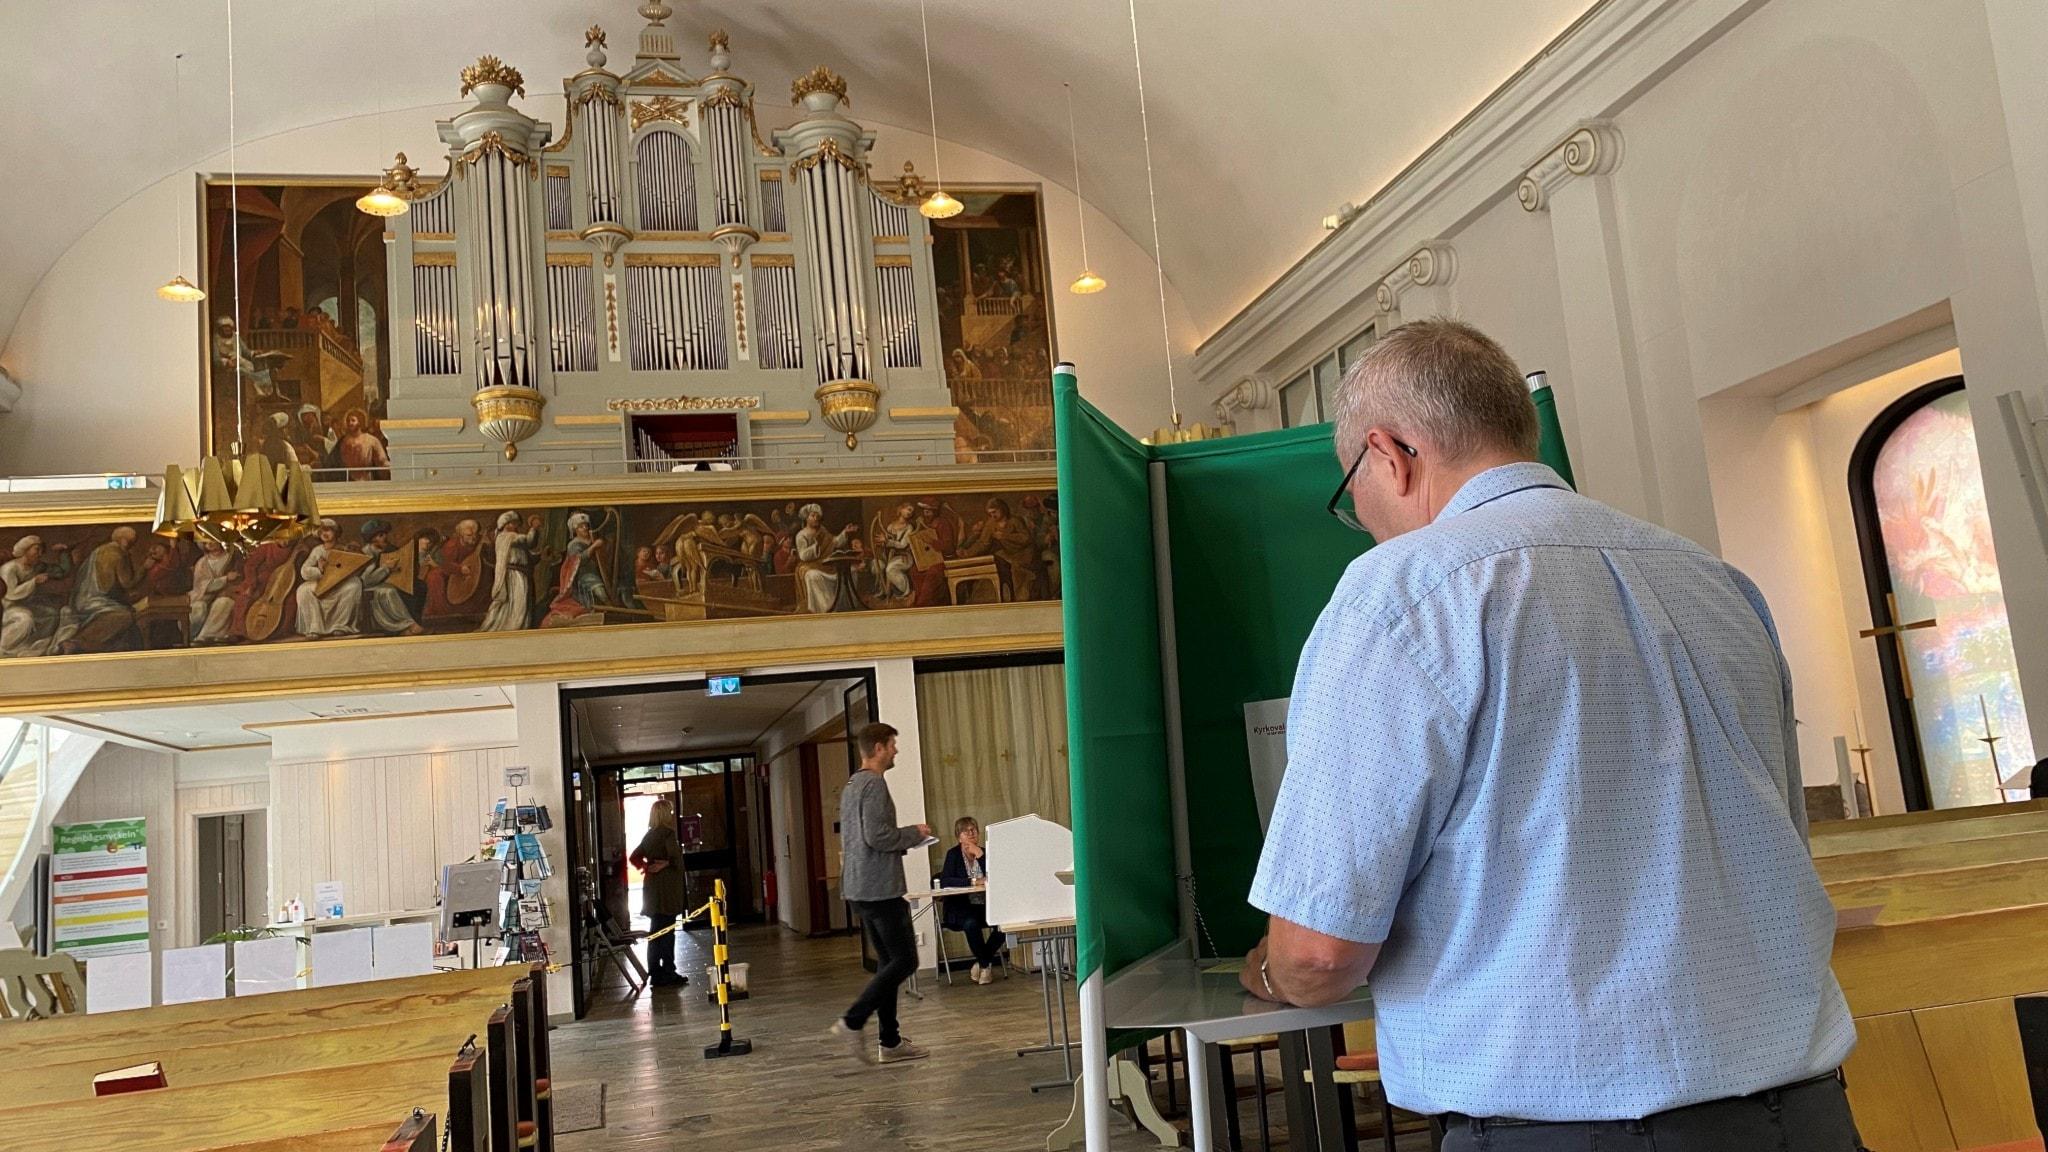 Kyrkovalet i Sankt Lars kyrka i Linköping